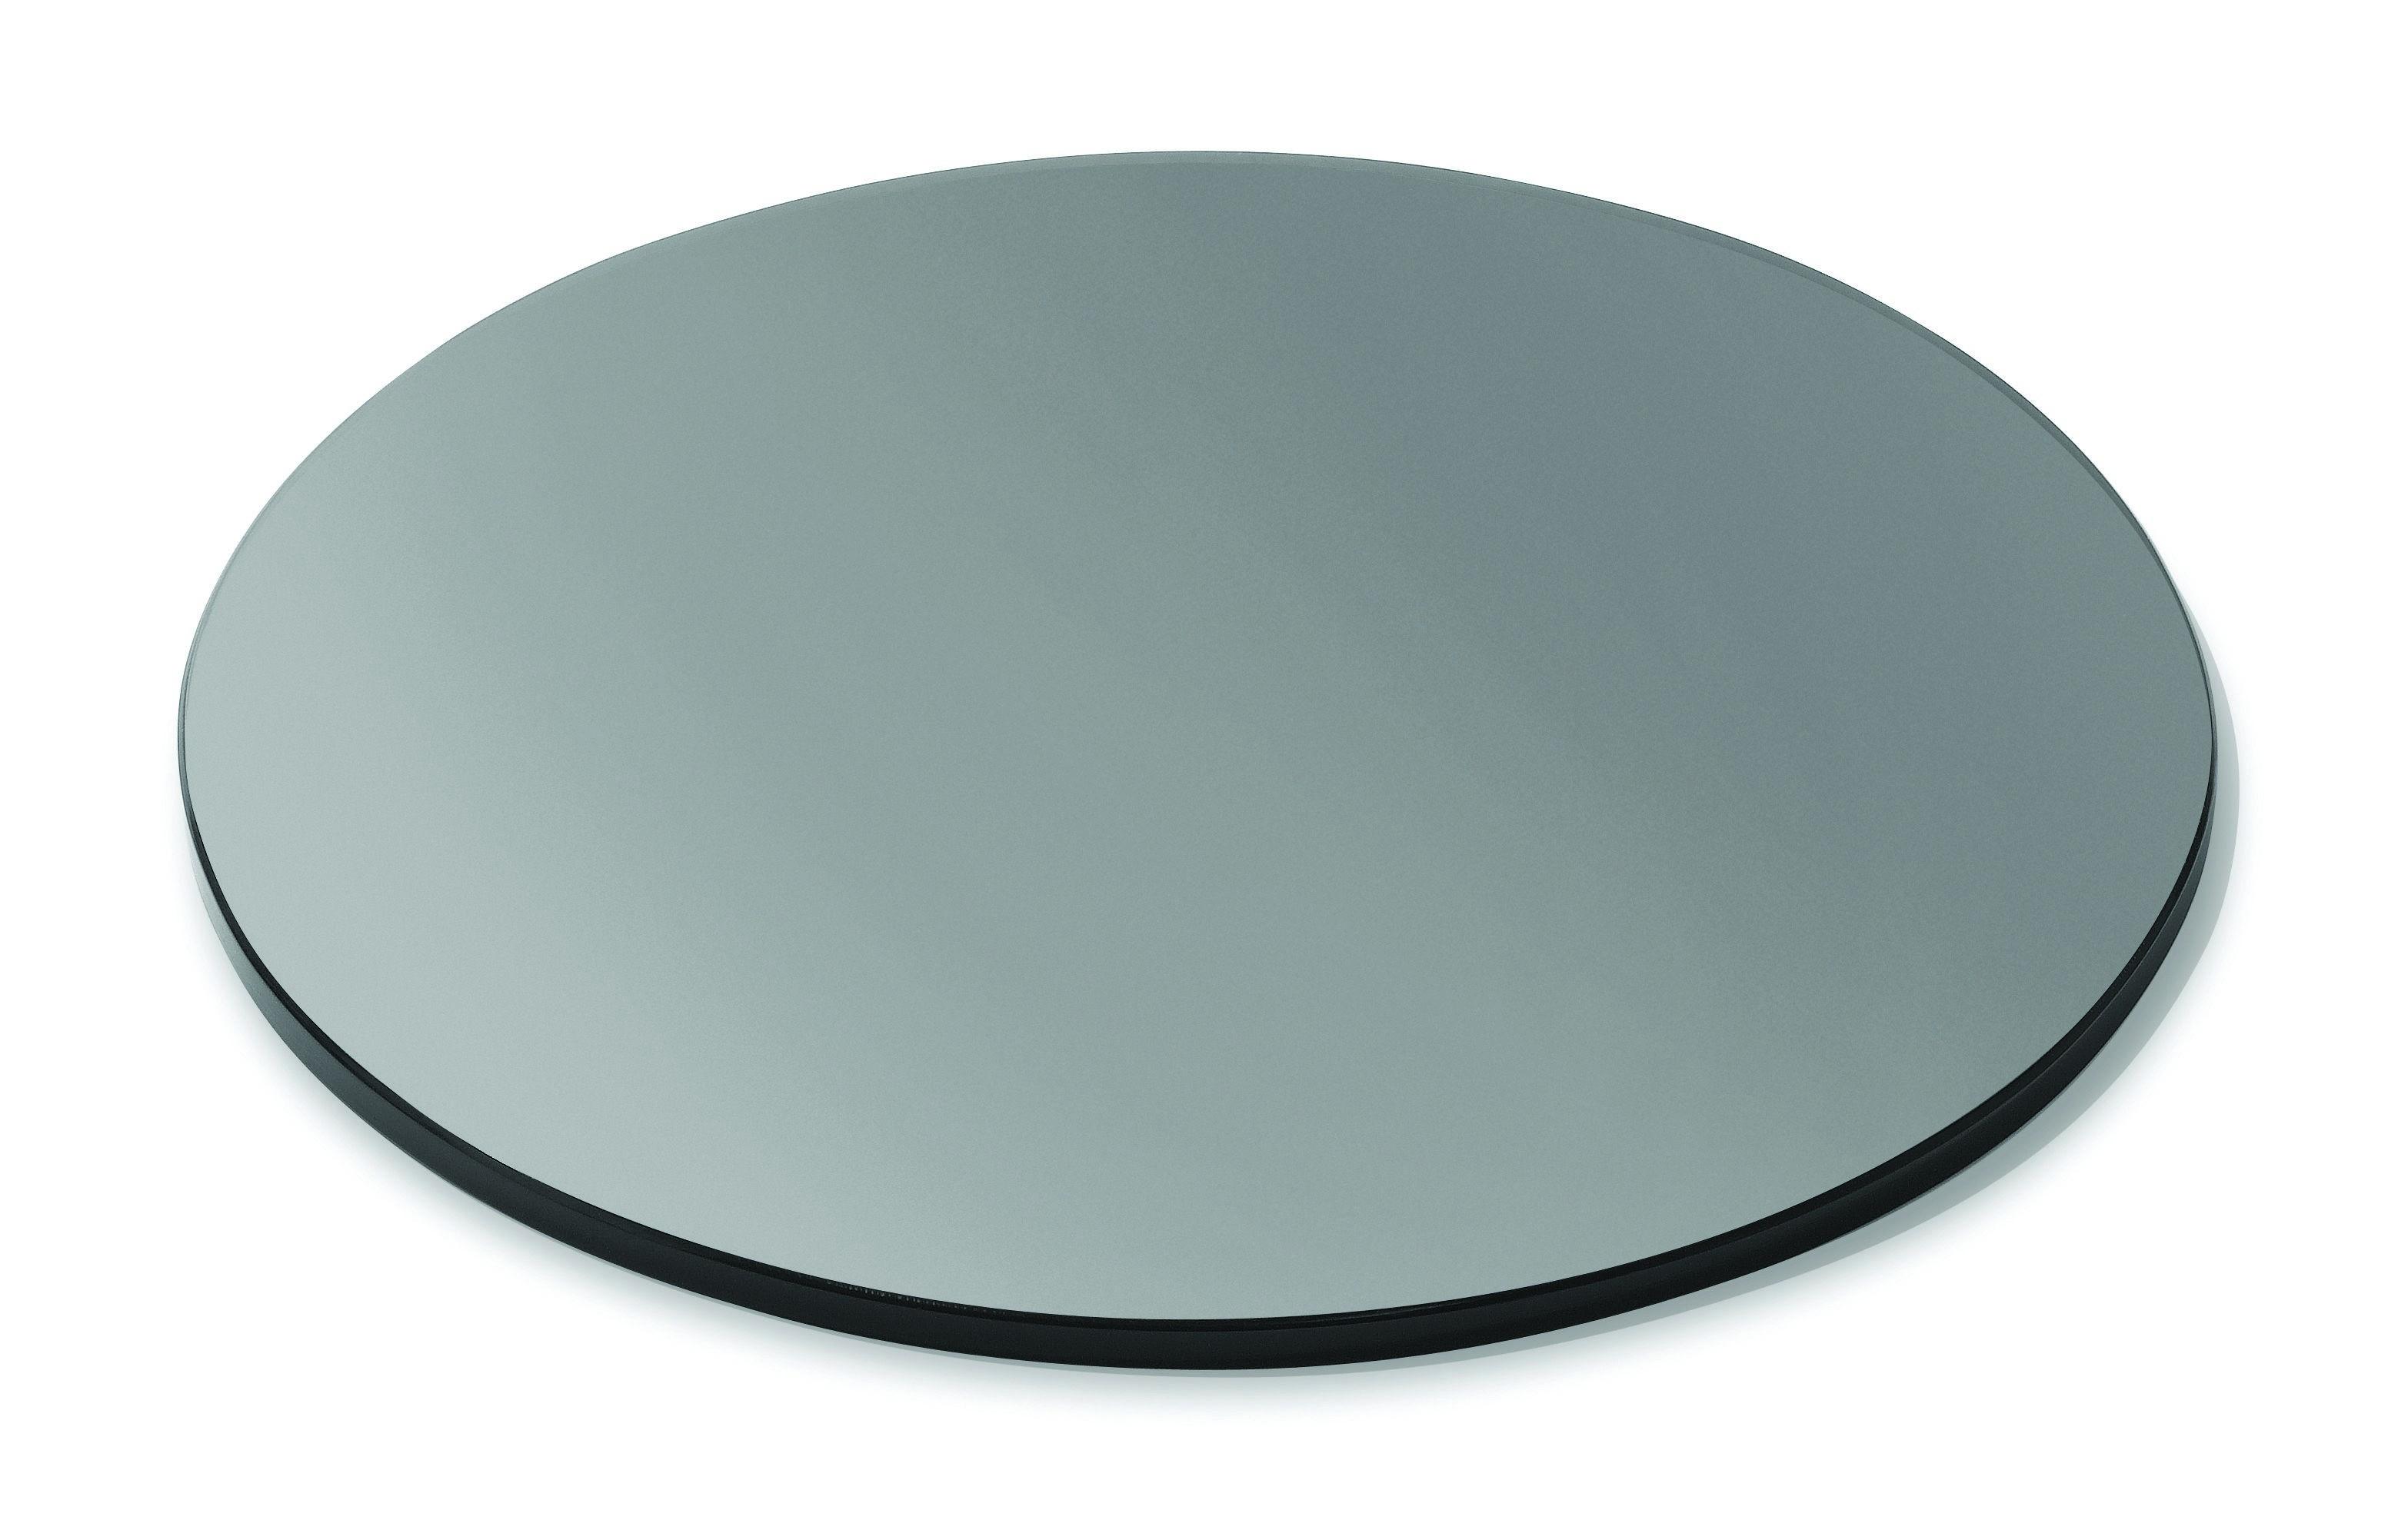 """Rosseto SG026 Round Black Acrylic Surface 20"""" x 20"""""""